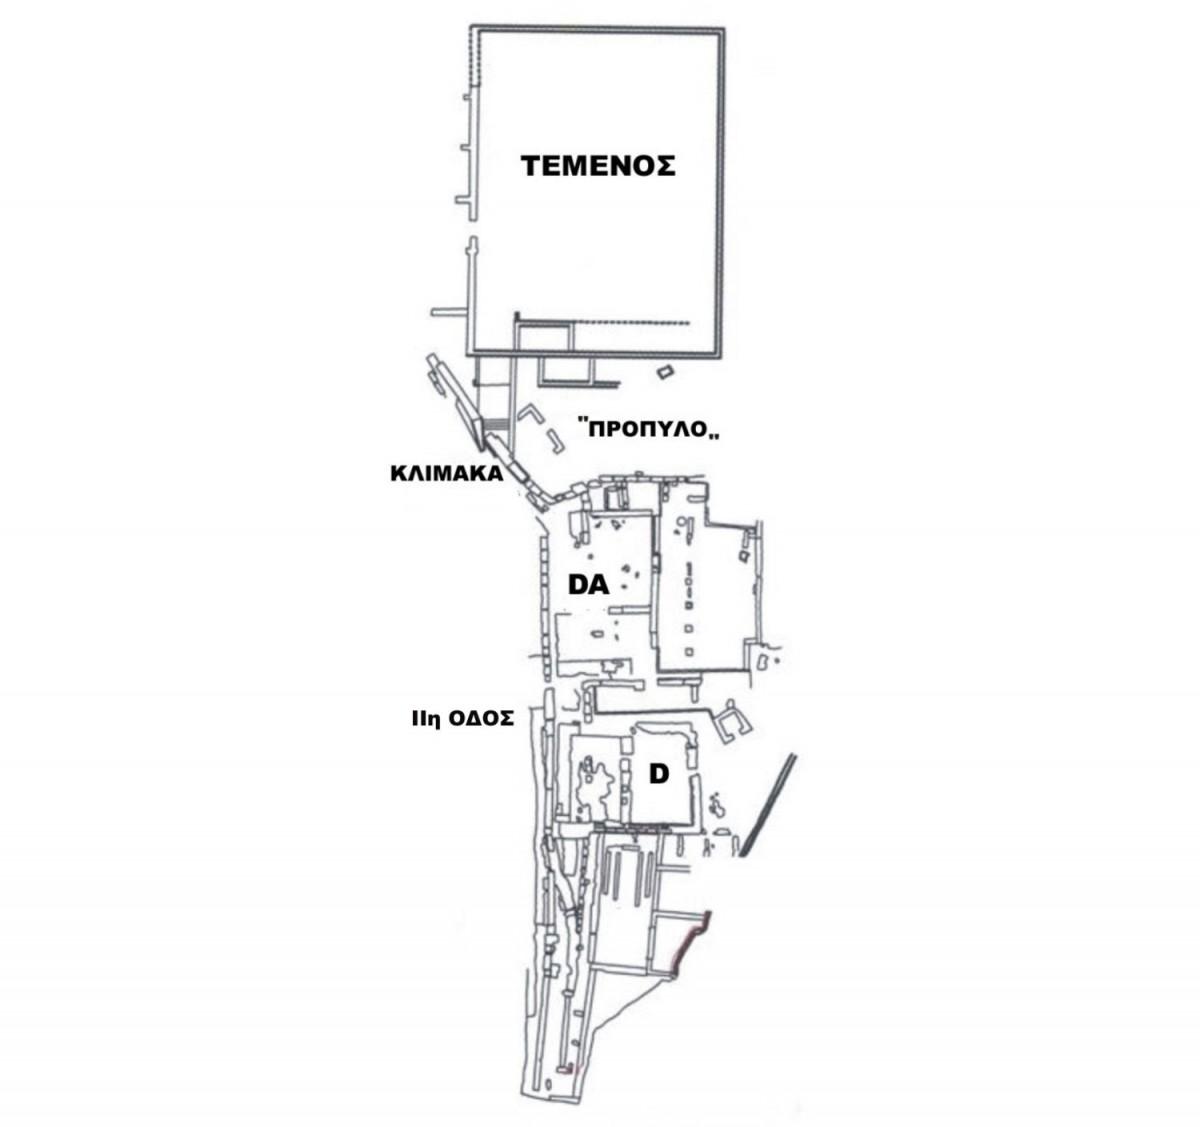 Εικ. 7. Τοπογραφικό των οικοδομημάτων στο ΝΔ άκρο του πλατώματος της Αγοράς (πηγή: Ανδρέου/Ανδρέου-Ψυχογιού 2009, 84, εικ. 73).